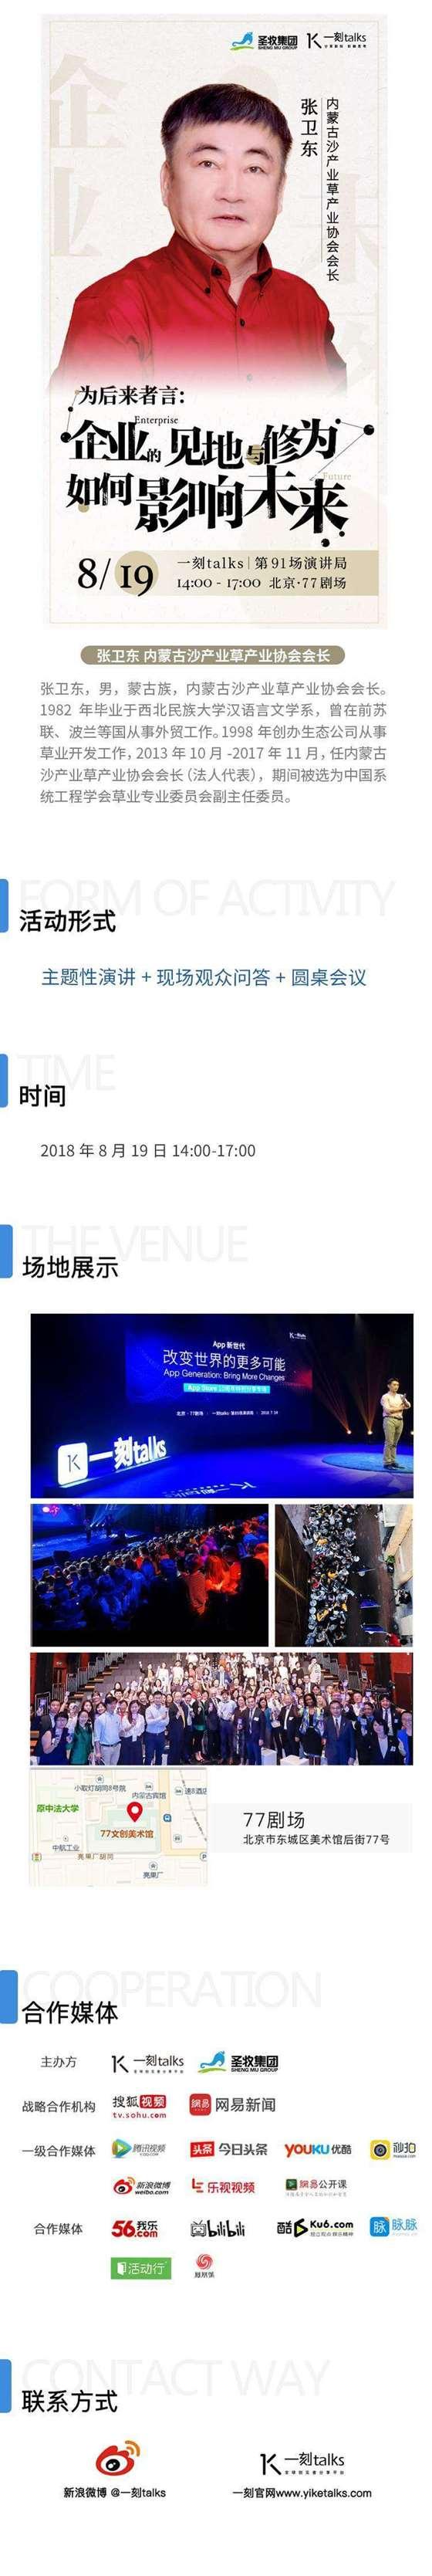 app活动详情页-企业家未来3活动行.jpg